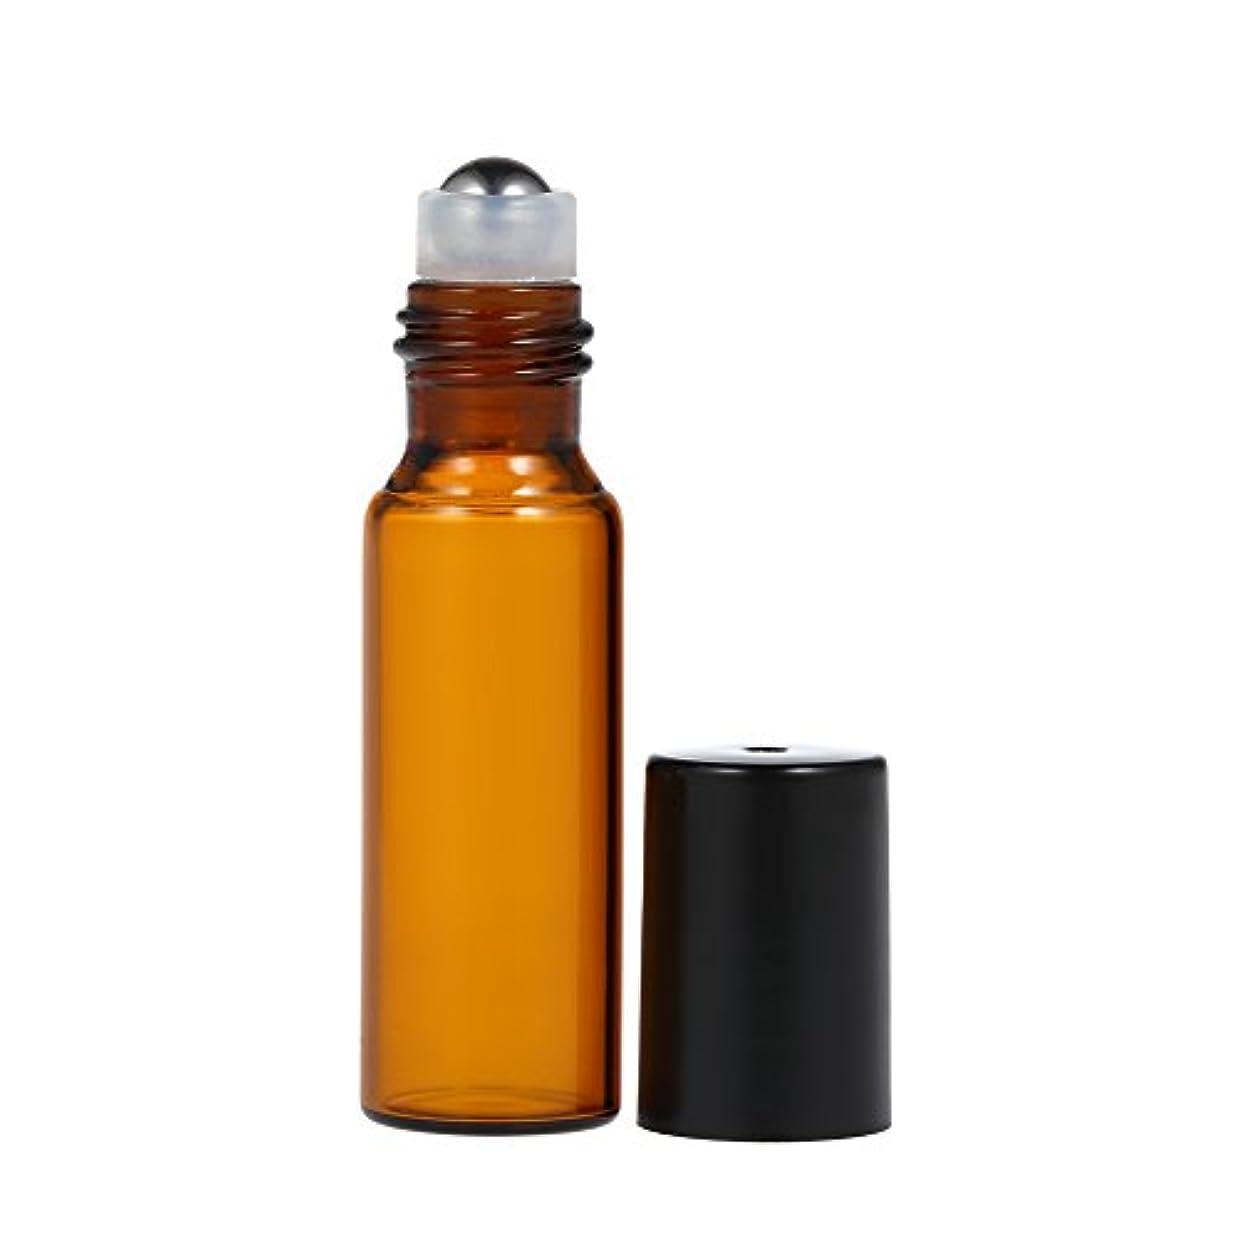 ソフィー個性モバイルDecdeal エッセンシャルオイルボトル アンバー ガラスボトル エッセンシャルオイルジャー 10個10ml